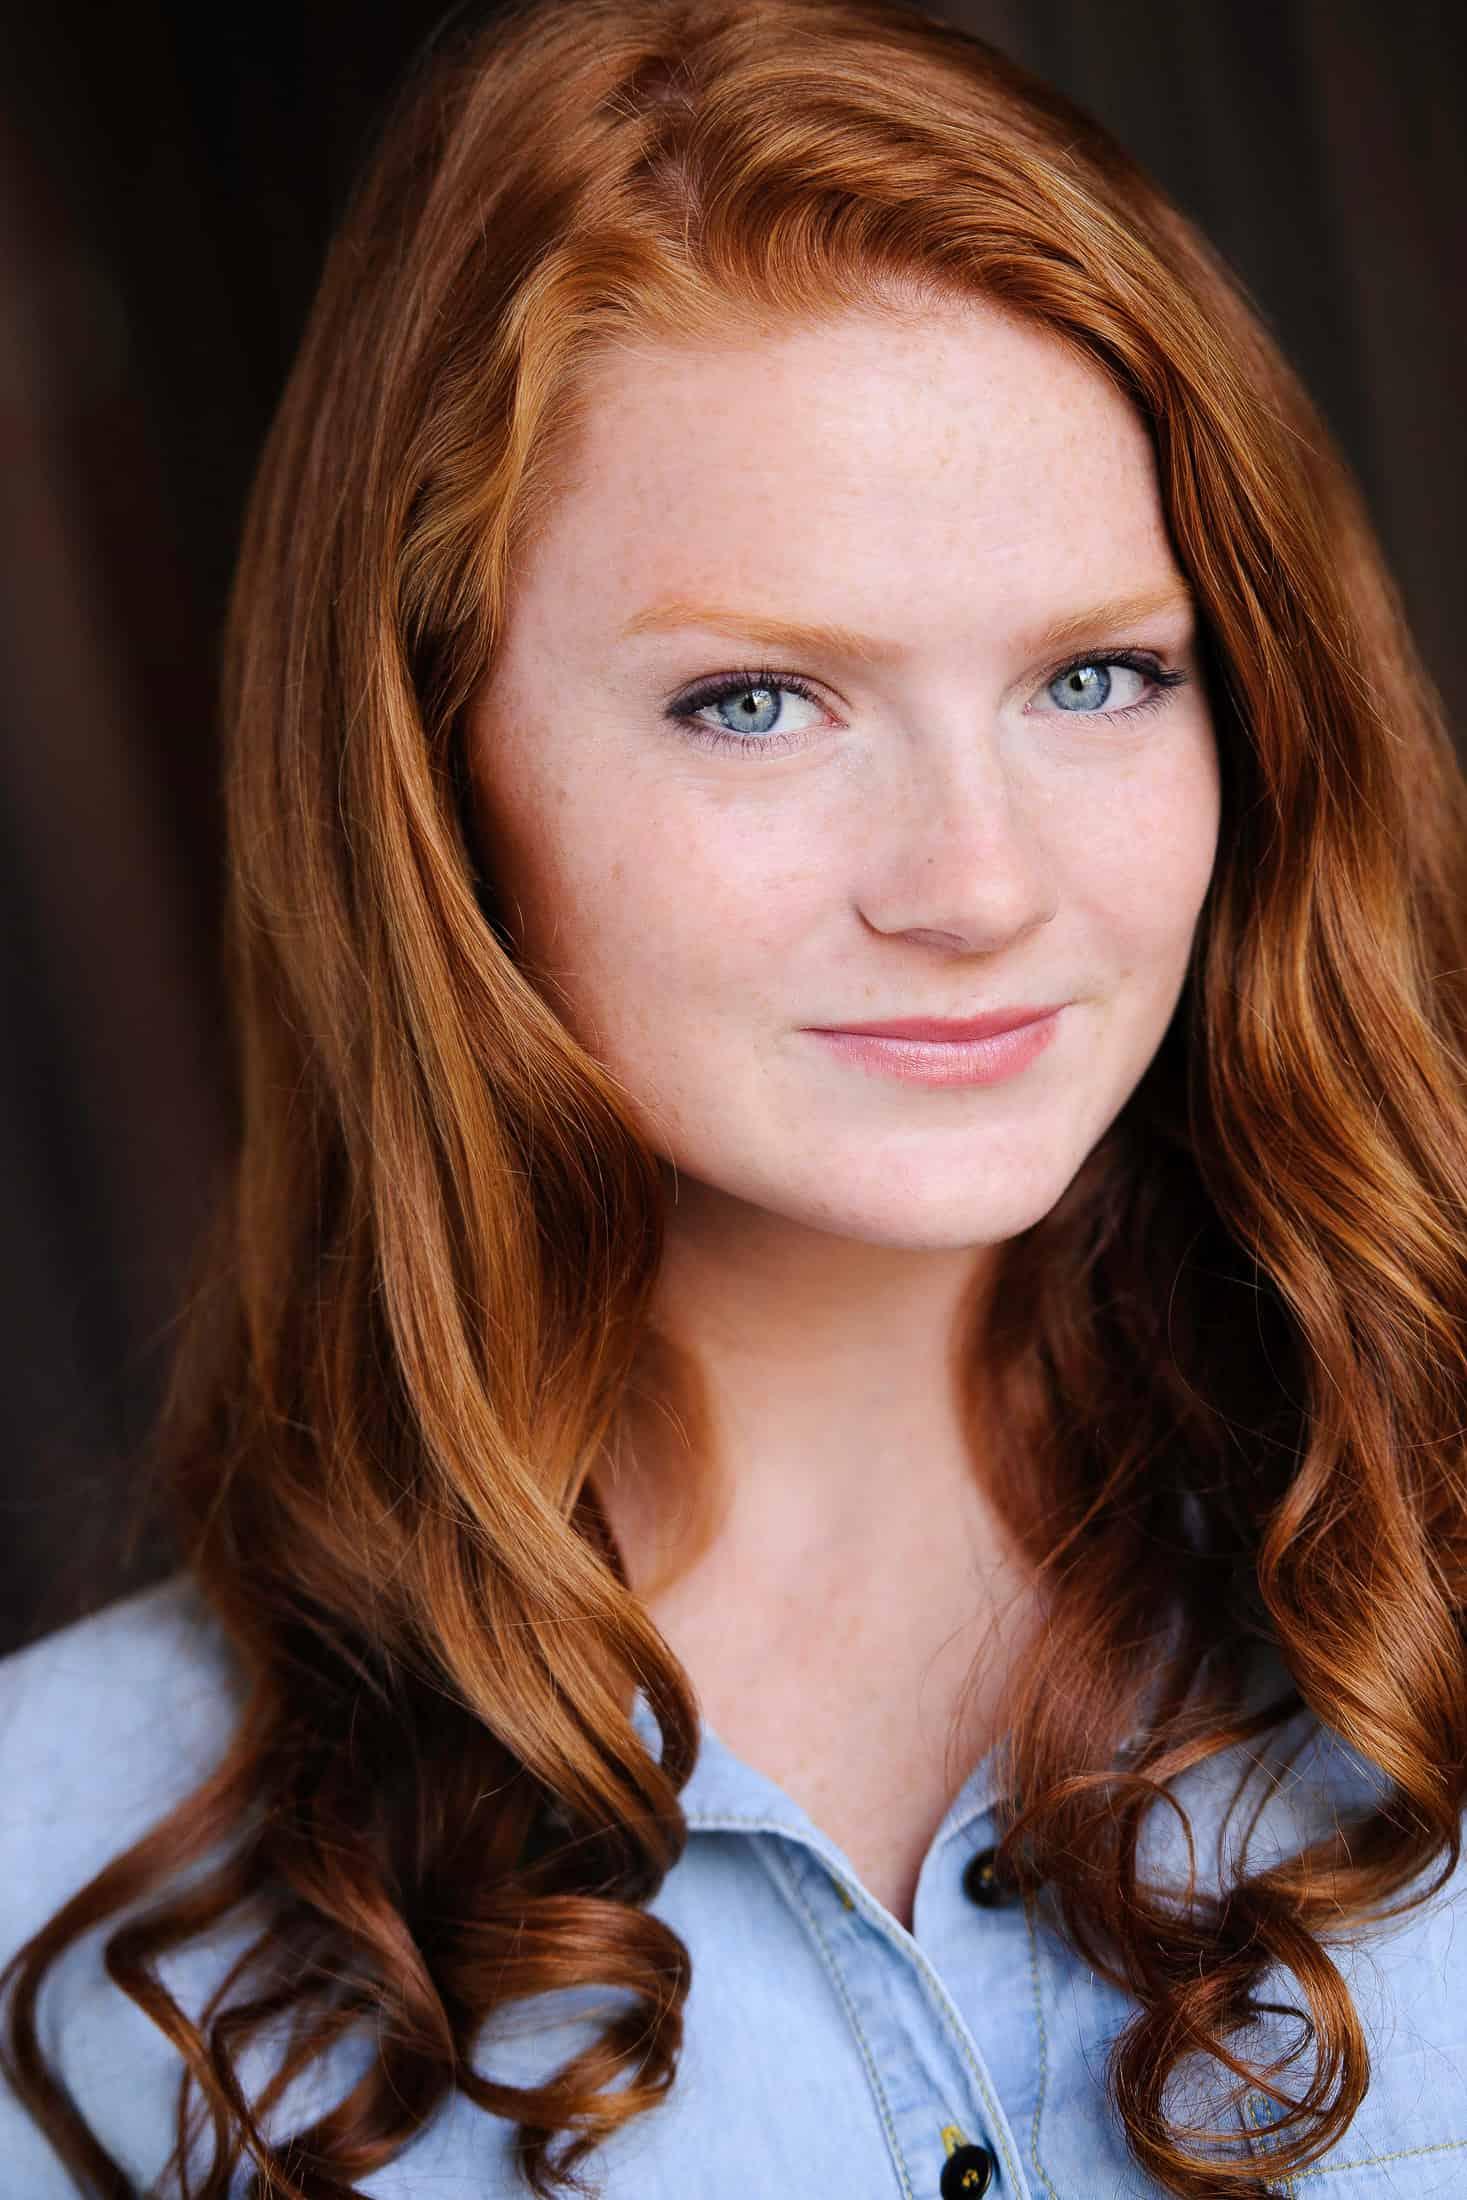 Headshots NYC - Actor Headshots Kate P